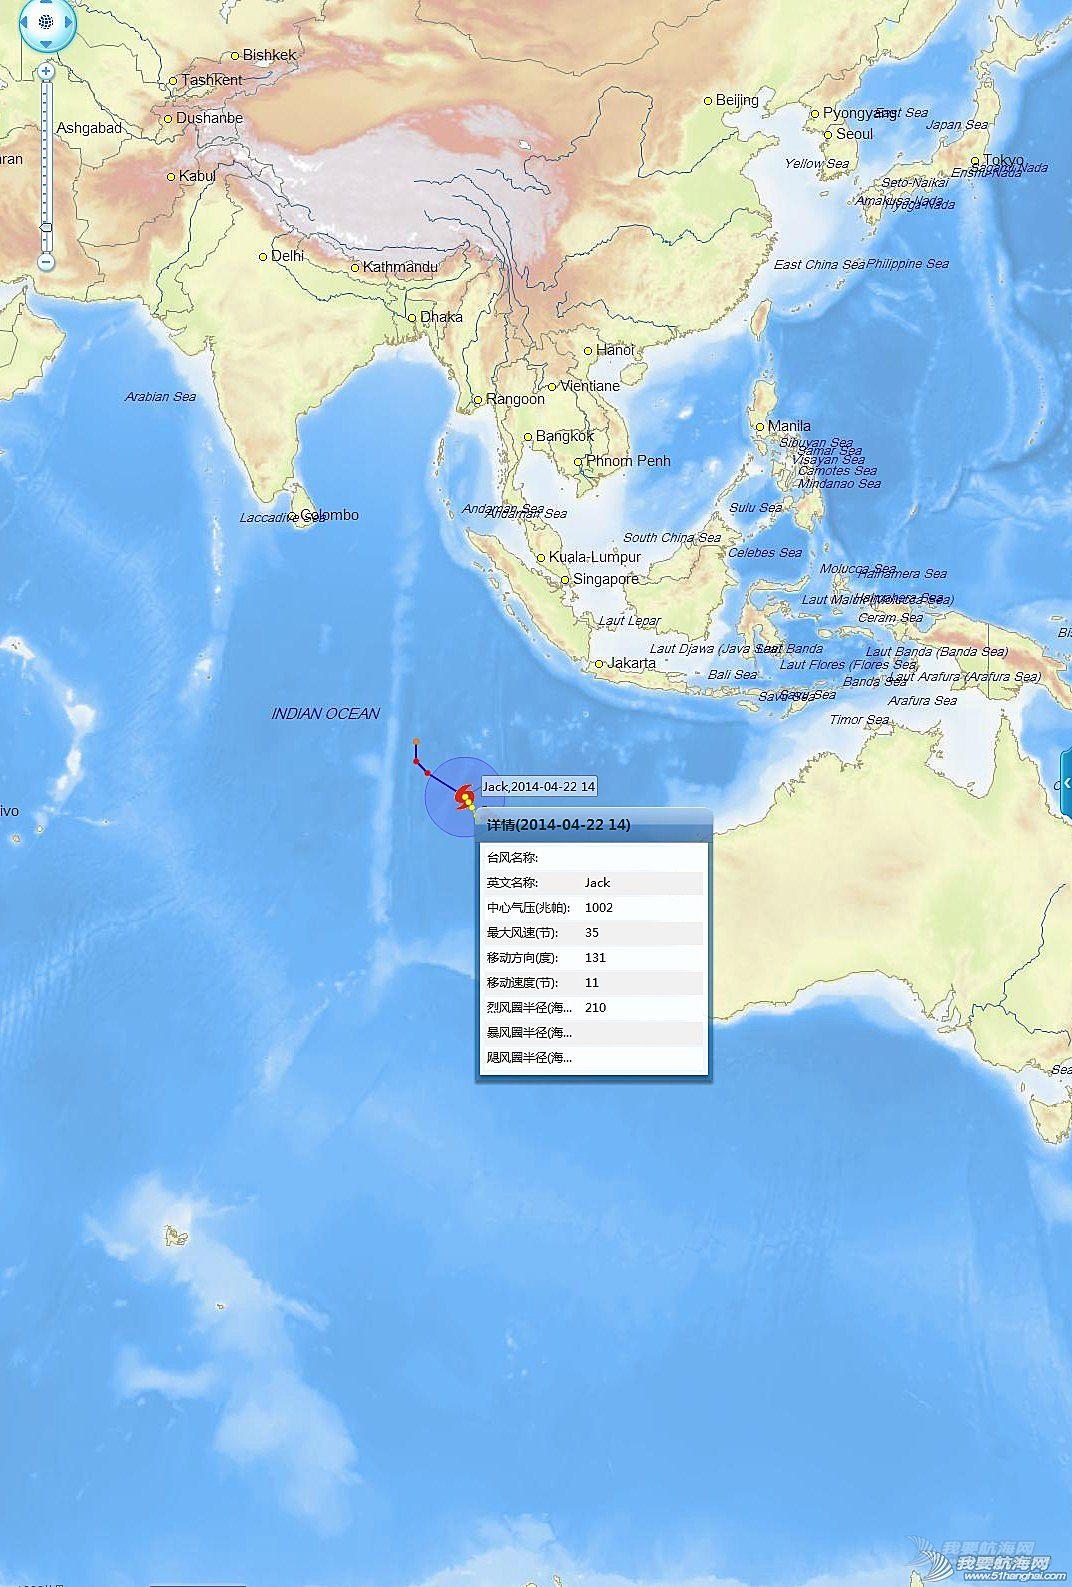 印度洋 【印度洋台风】20140422印度洋台风预报